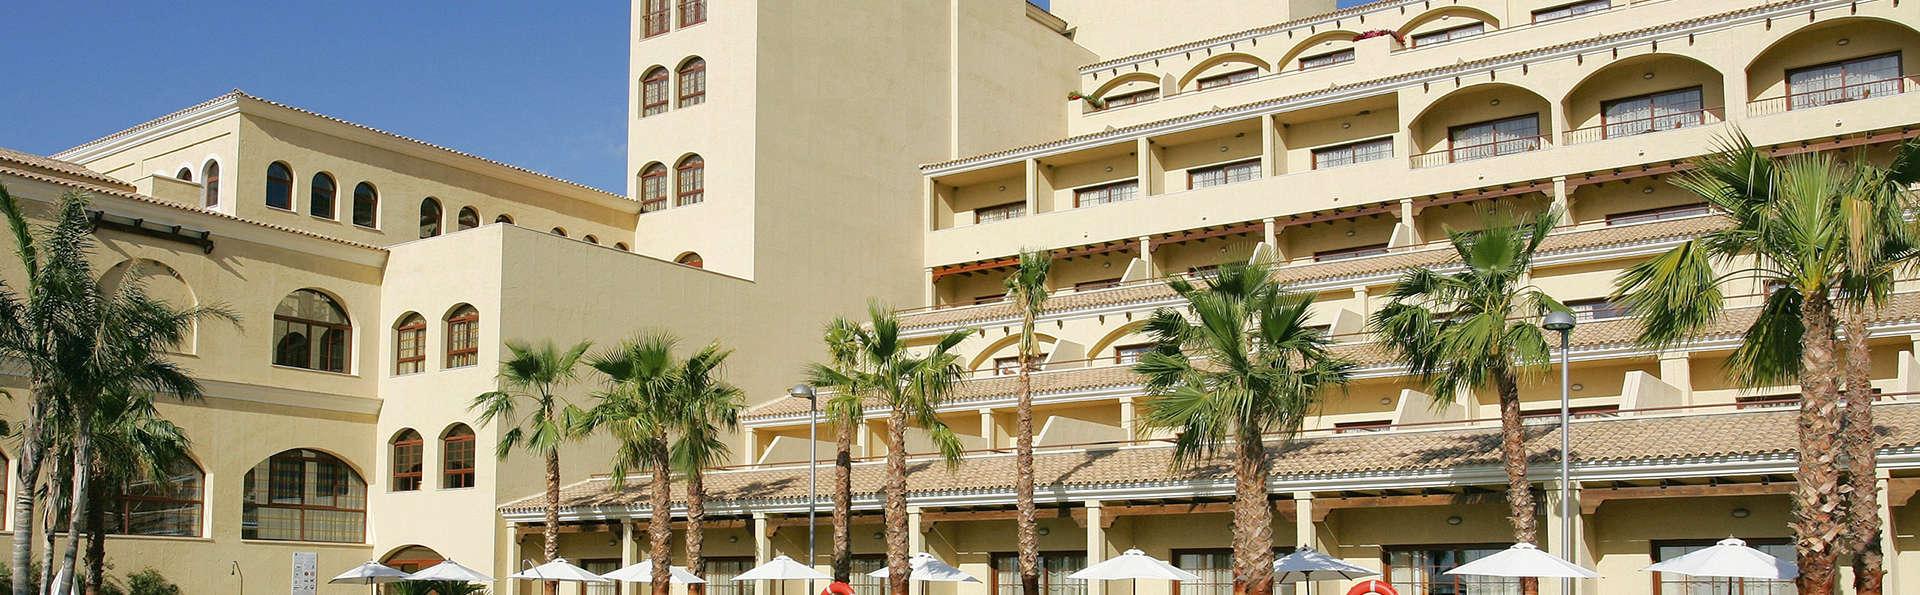 Vincci Selección Envía Almería Wellness & Golf - edit_pool_facade.jpg